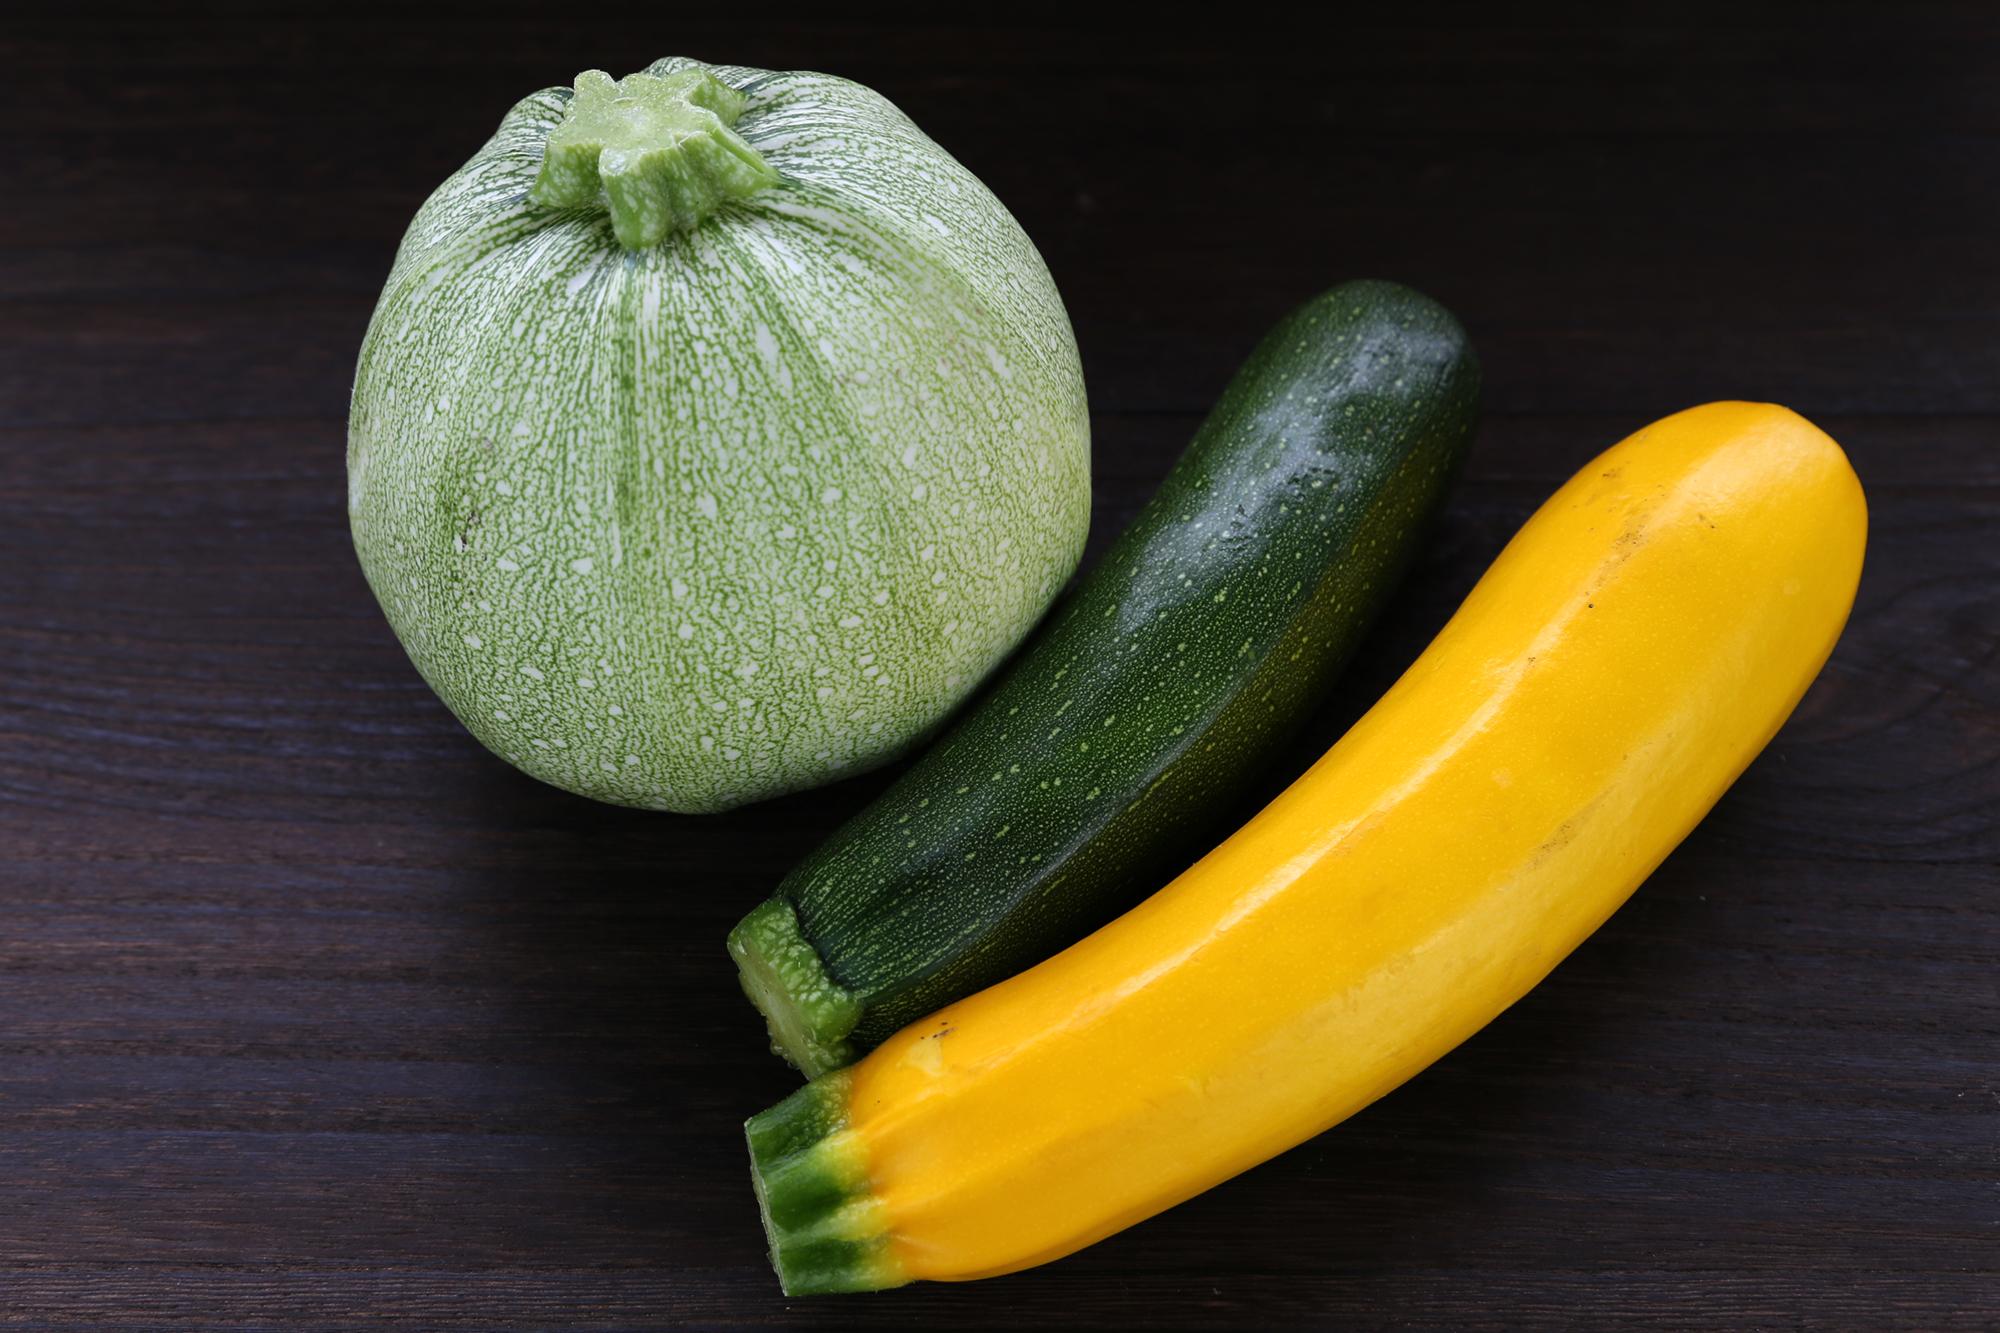 お野菜セットのお届け内容